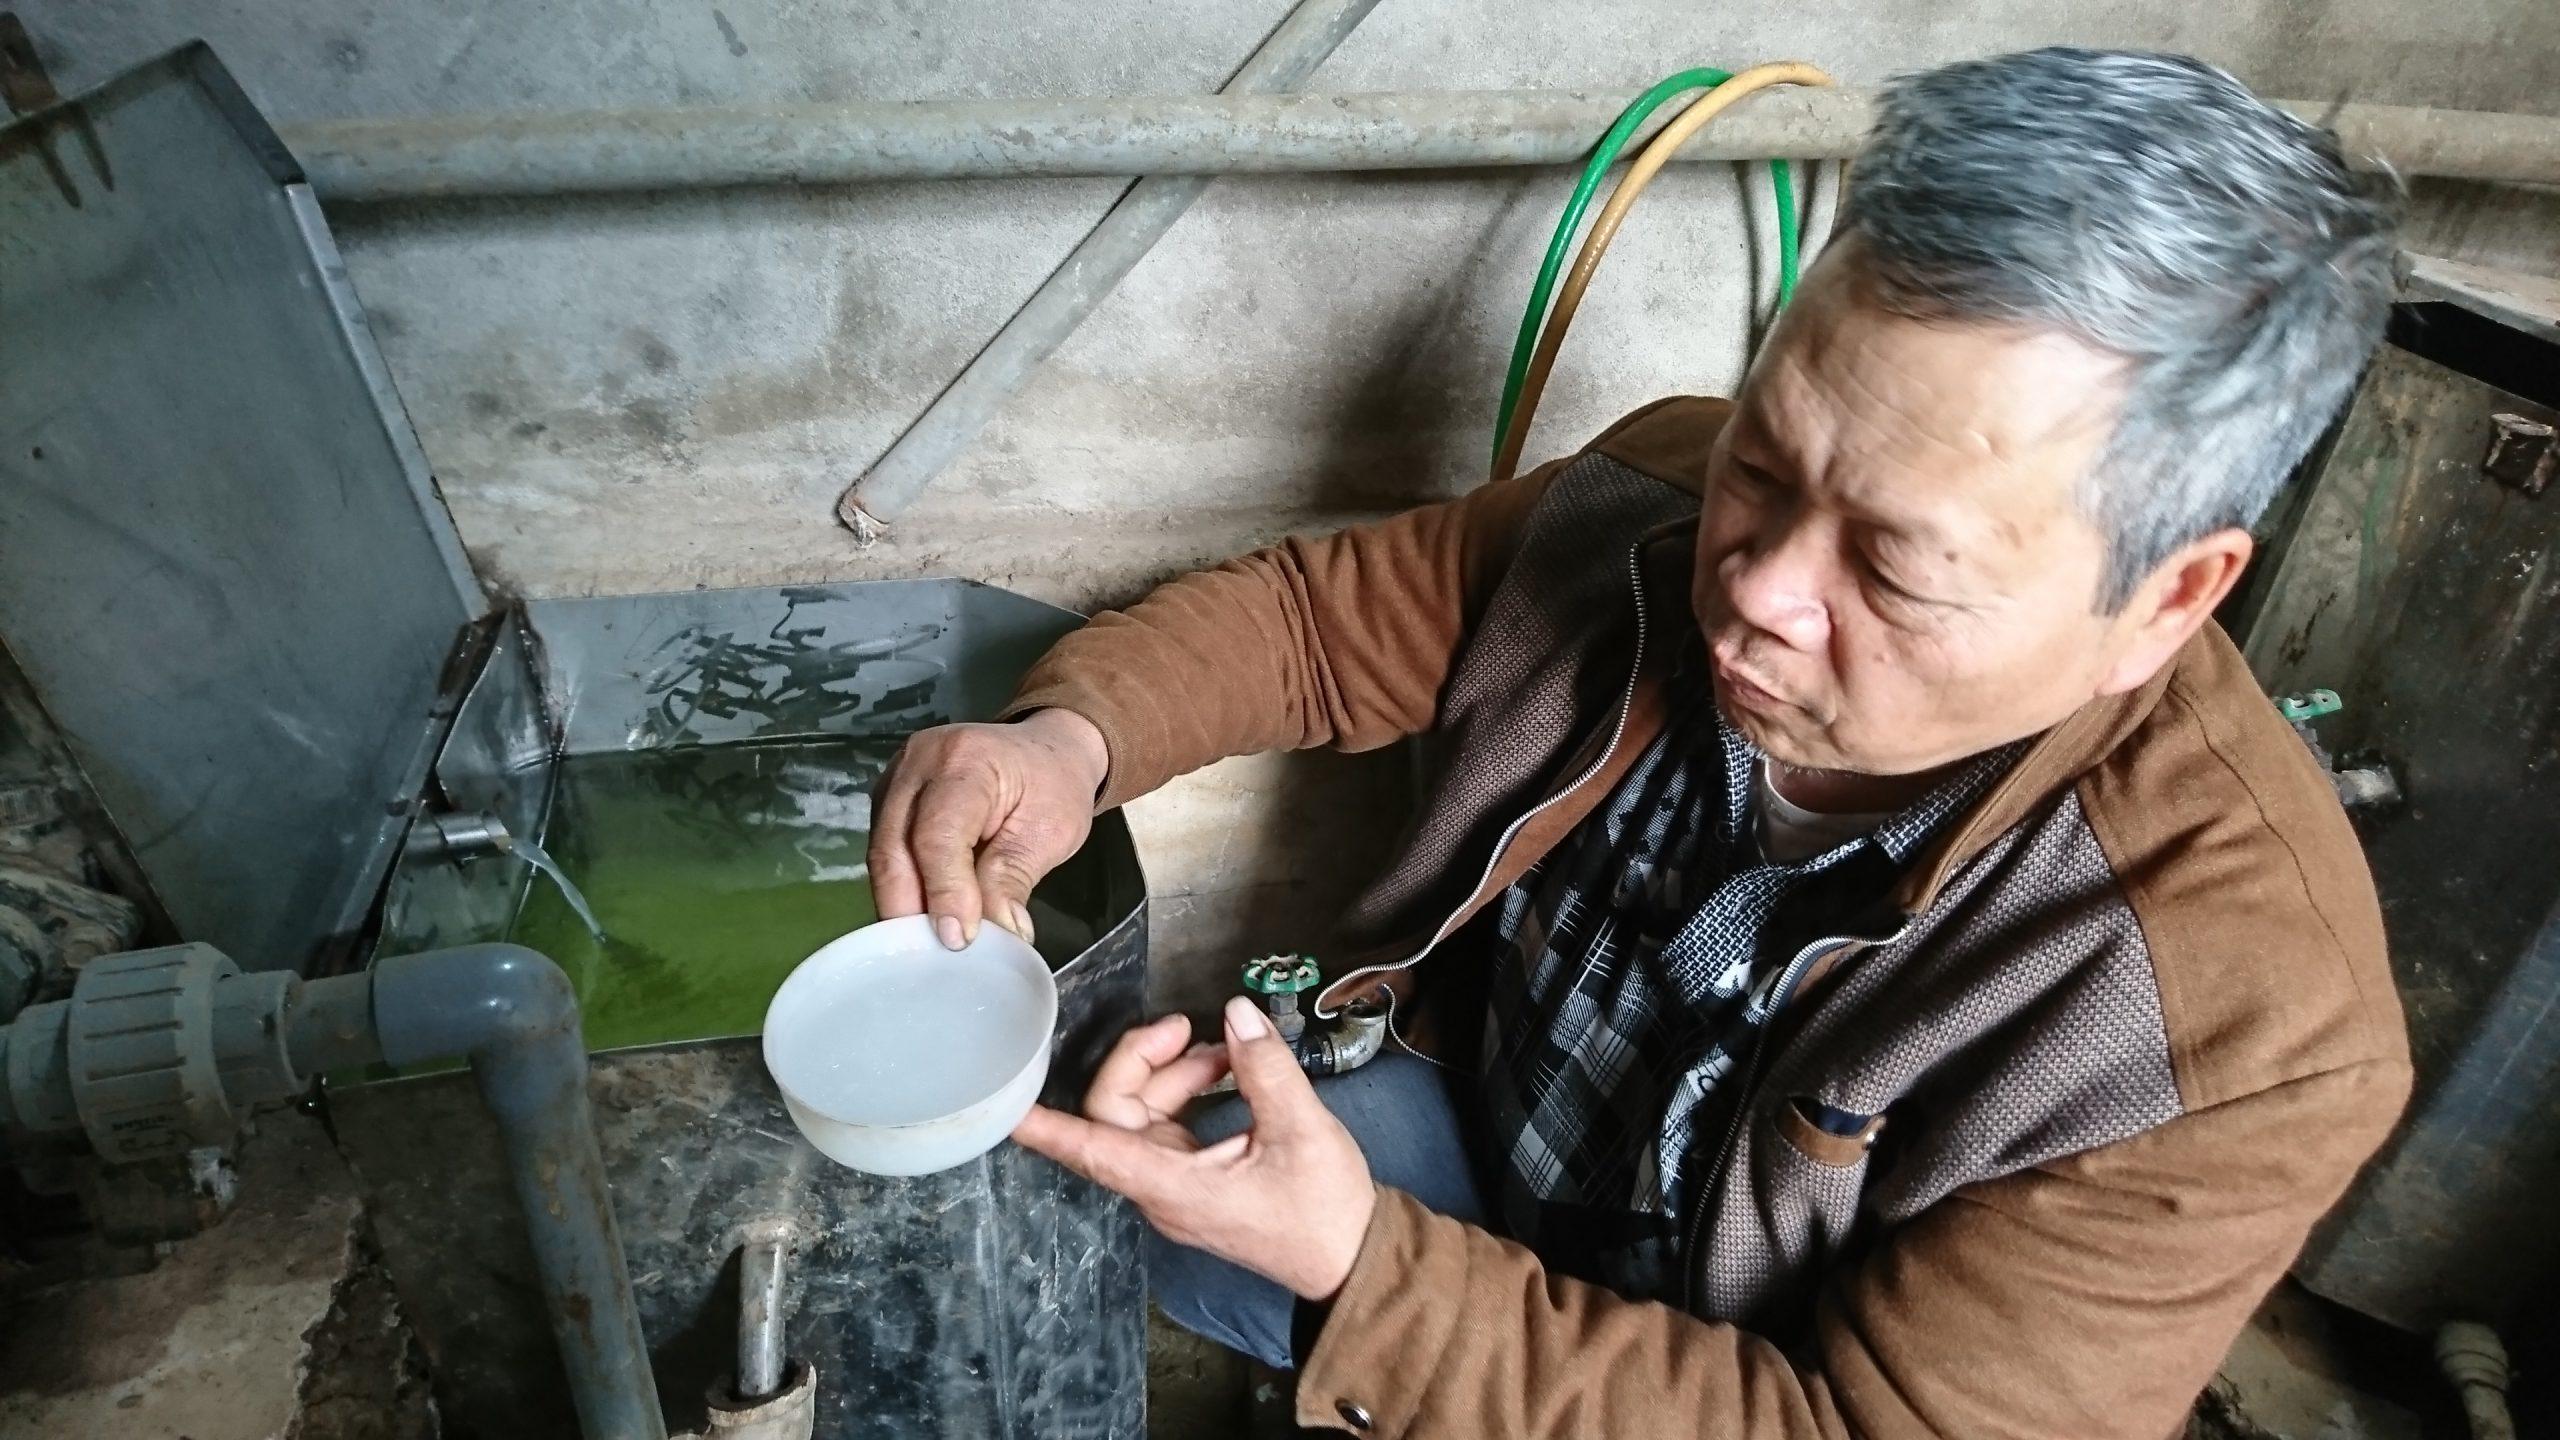 Mùa đông bị lạnh thì nên dùng tinh dầu hồi thế nào đúng cách? Địa chỉ bán tinh dầu hồi tại Hà Nội ?